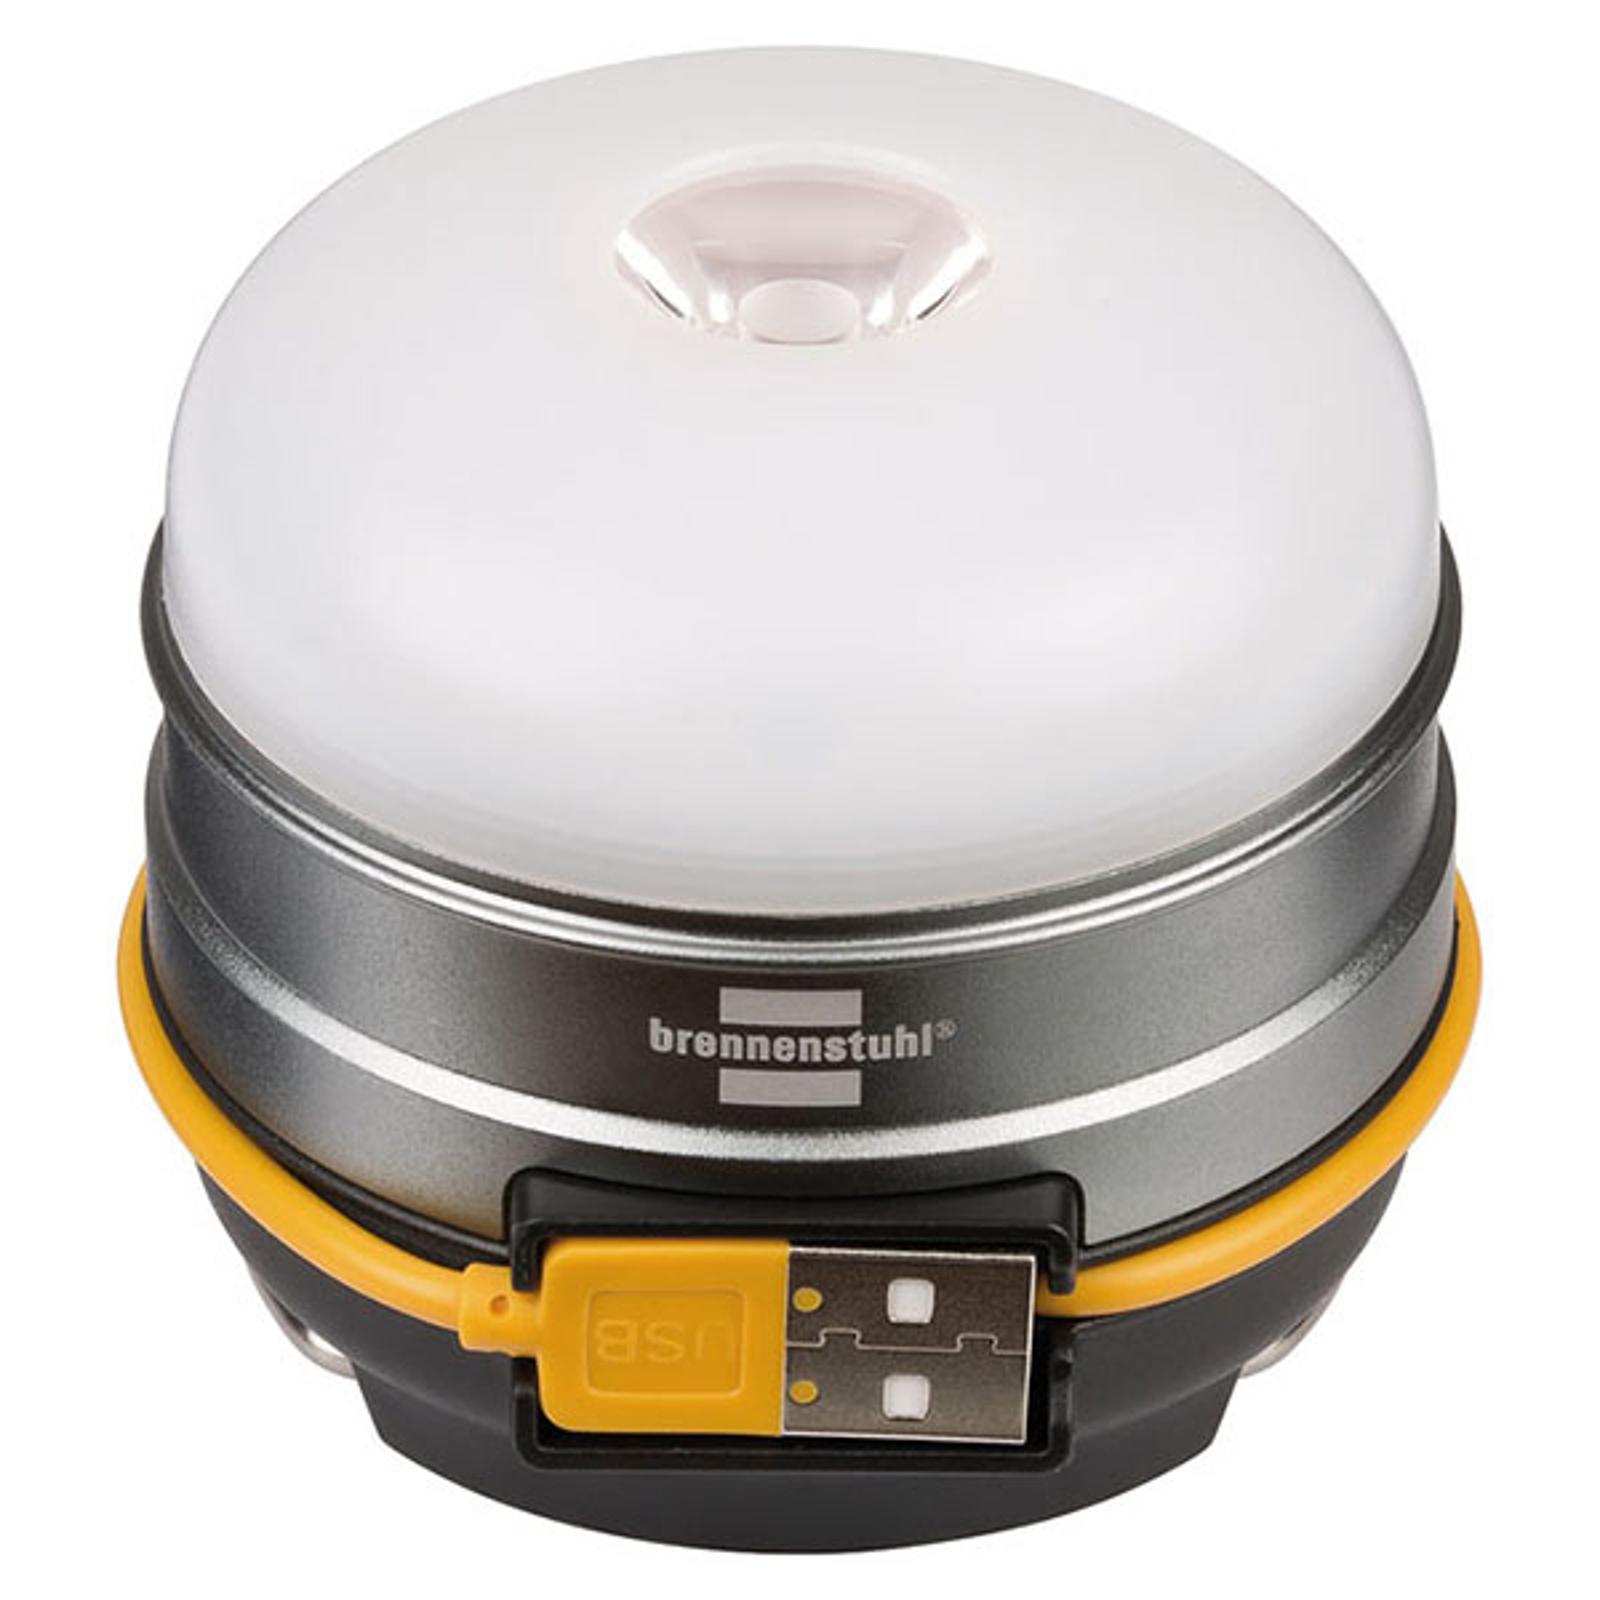 LED-batterilampe OLI 0300 A med Powerbank-funksjon